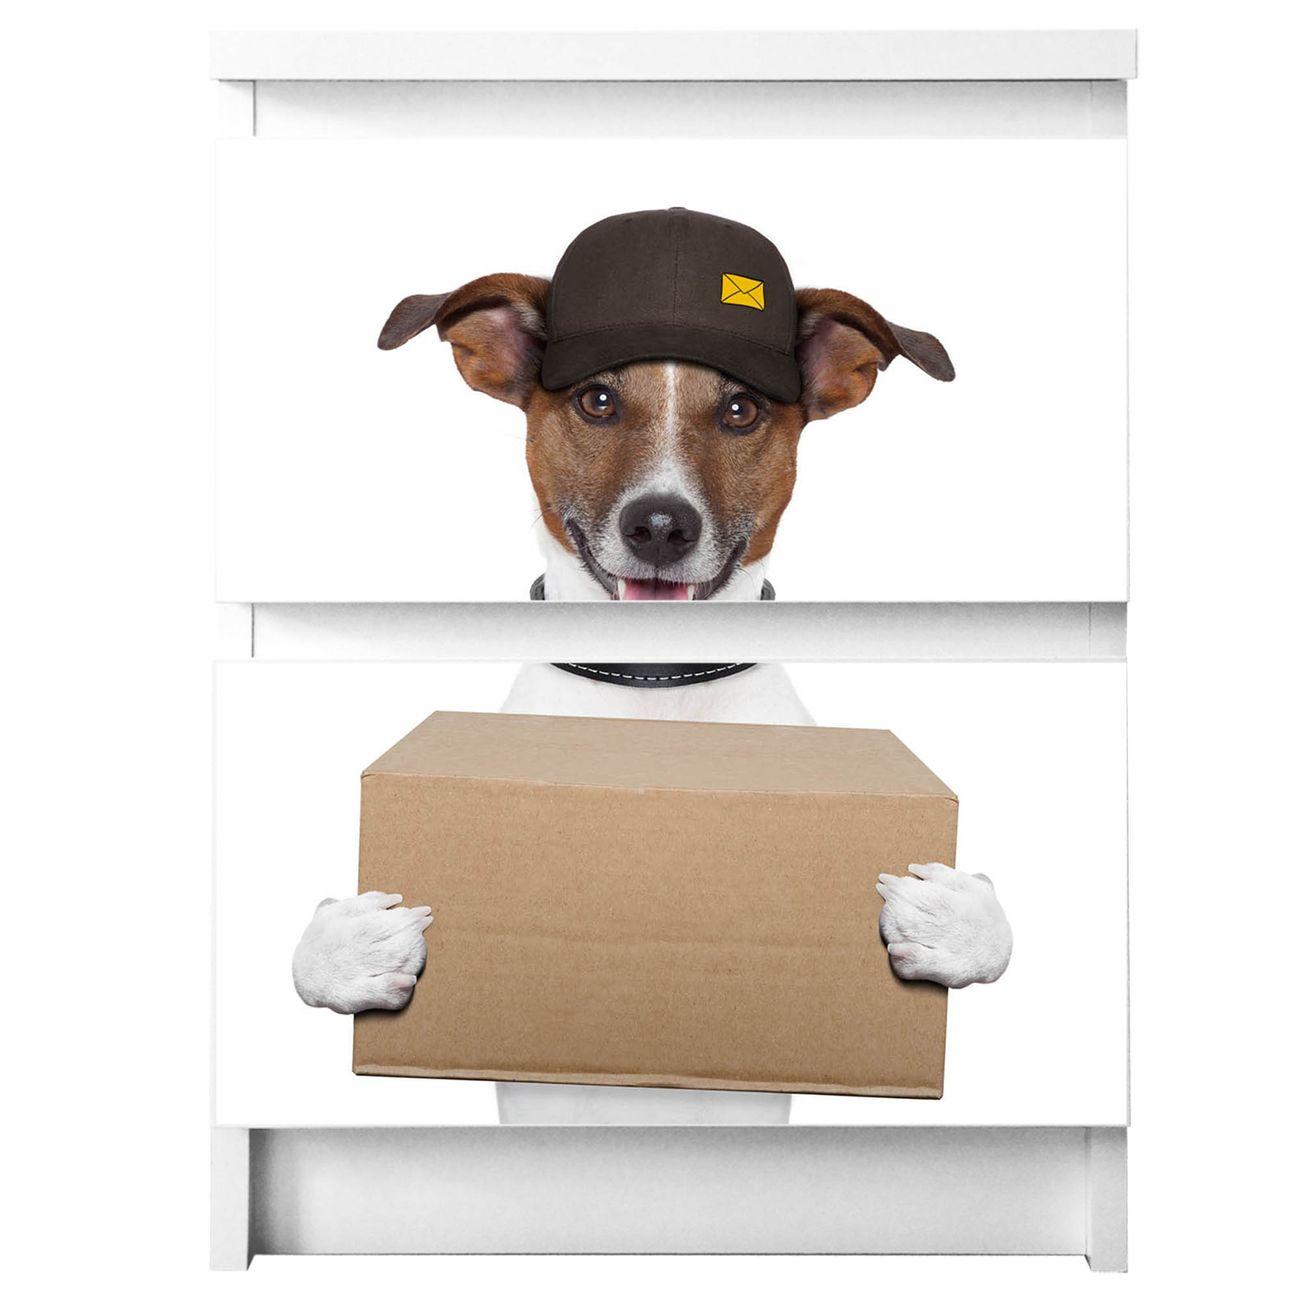 Möbelsticker für Ikea MALM Motiv Paketdienst Jack Russel